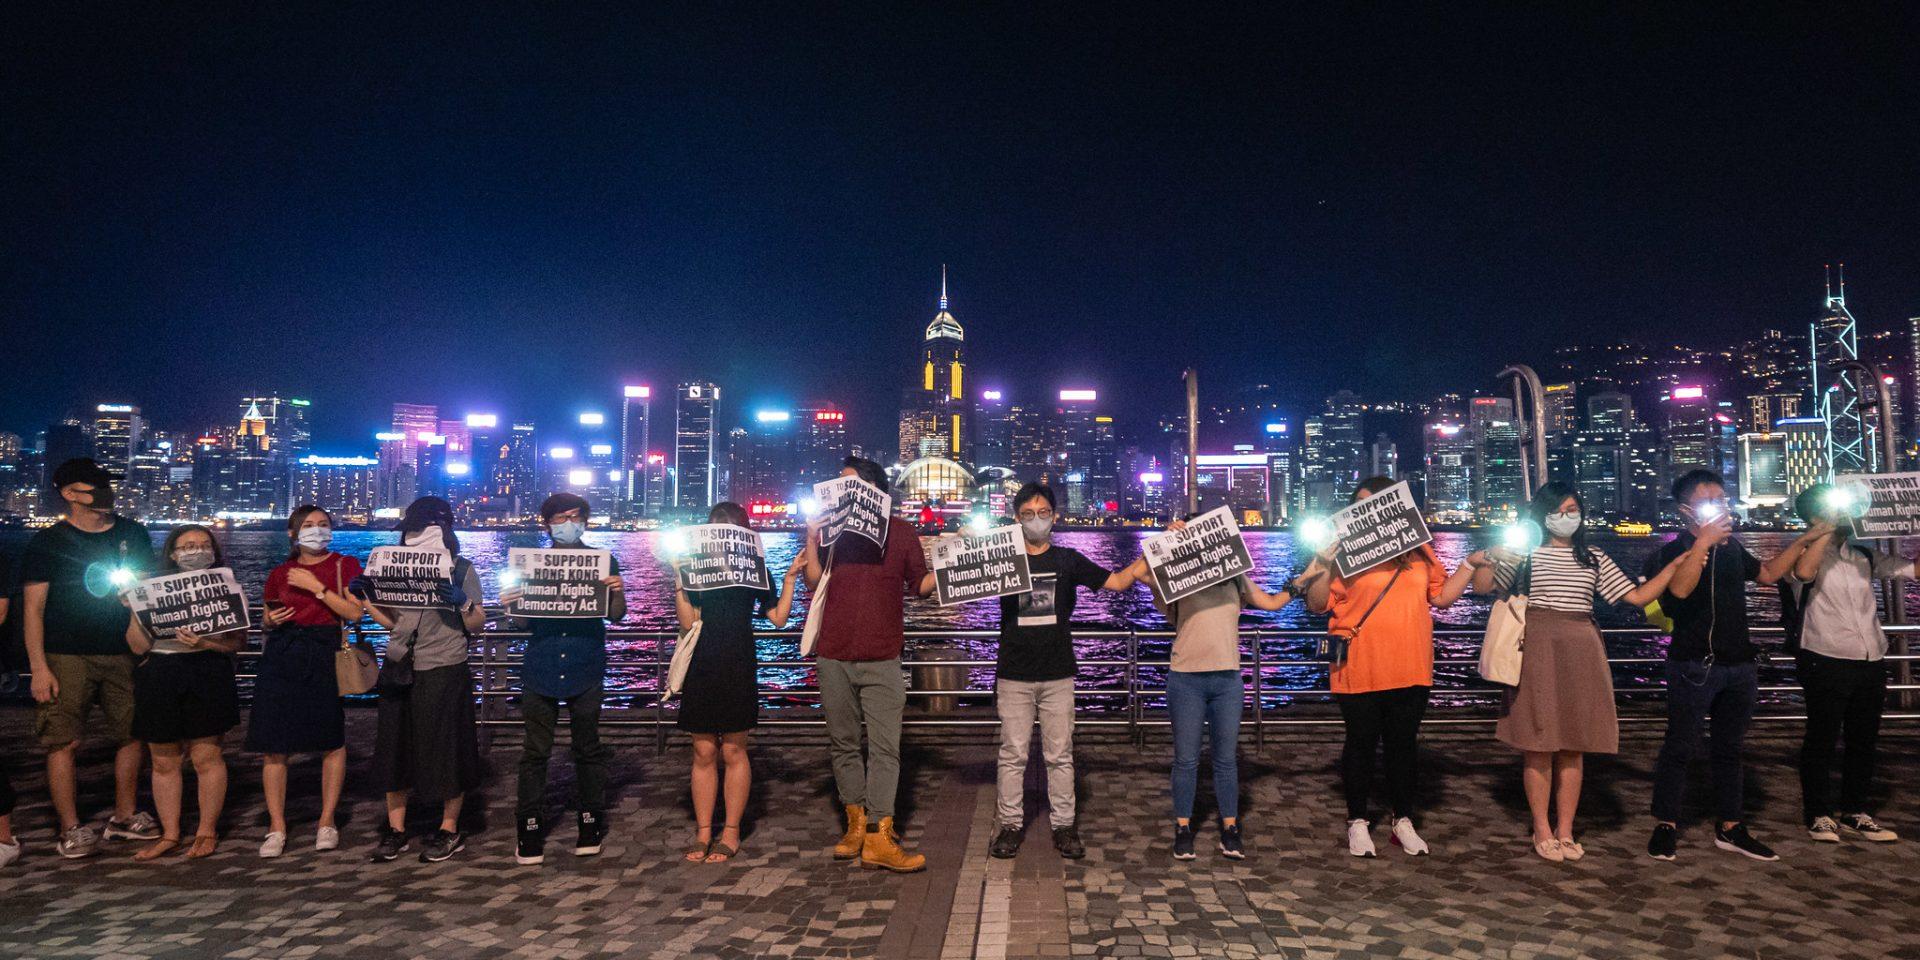 Demonstrationerna för demokrati i Hongkong har pågått sedan sommaren 2019.